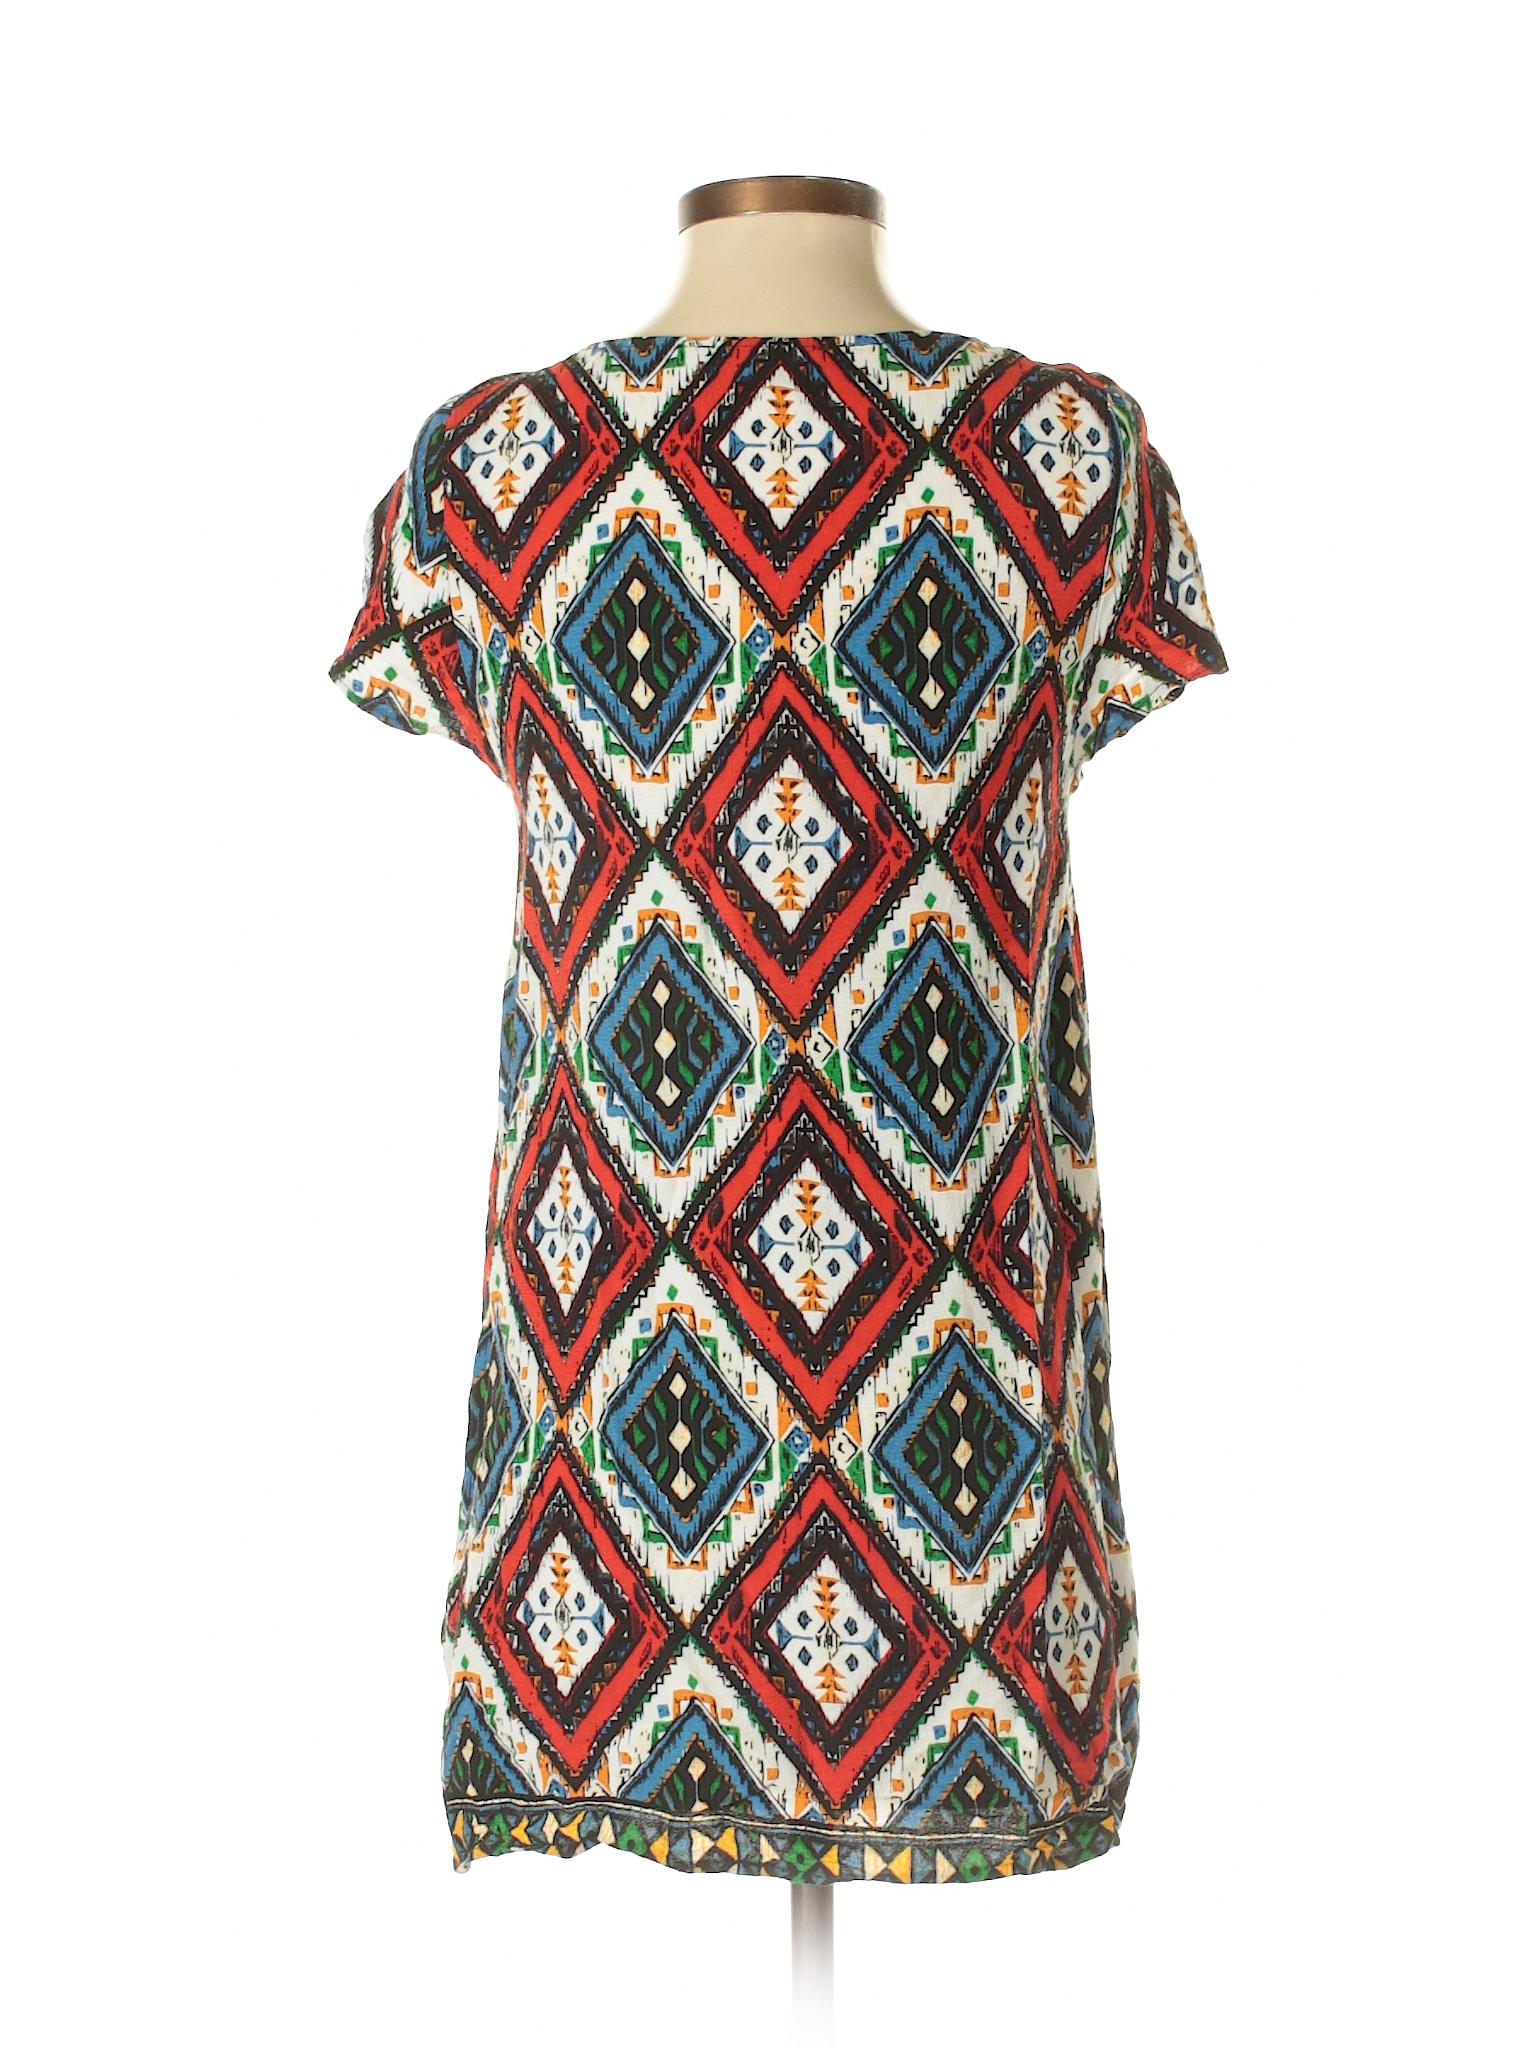 Casual Olivaceous Dress Olivaceous Dress Casual Casual Selling Olivaceous Dress Selling Selling Selling qUzRXg